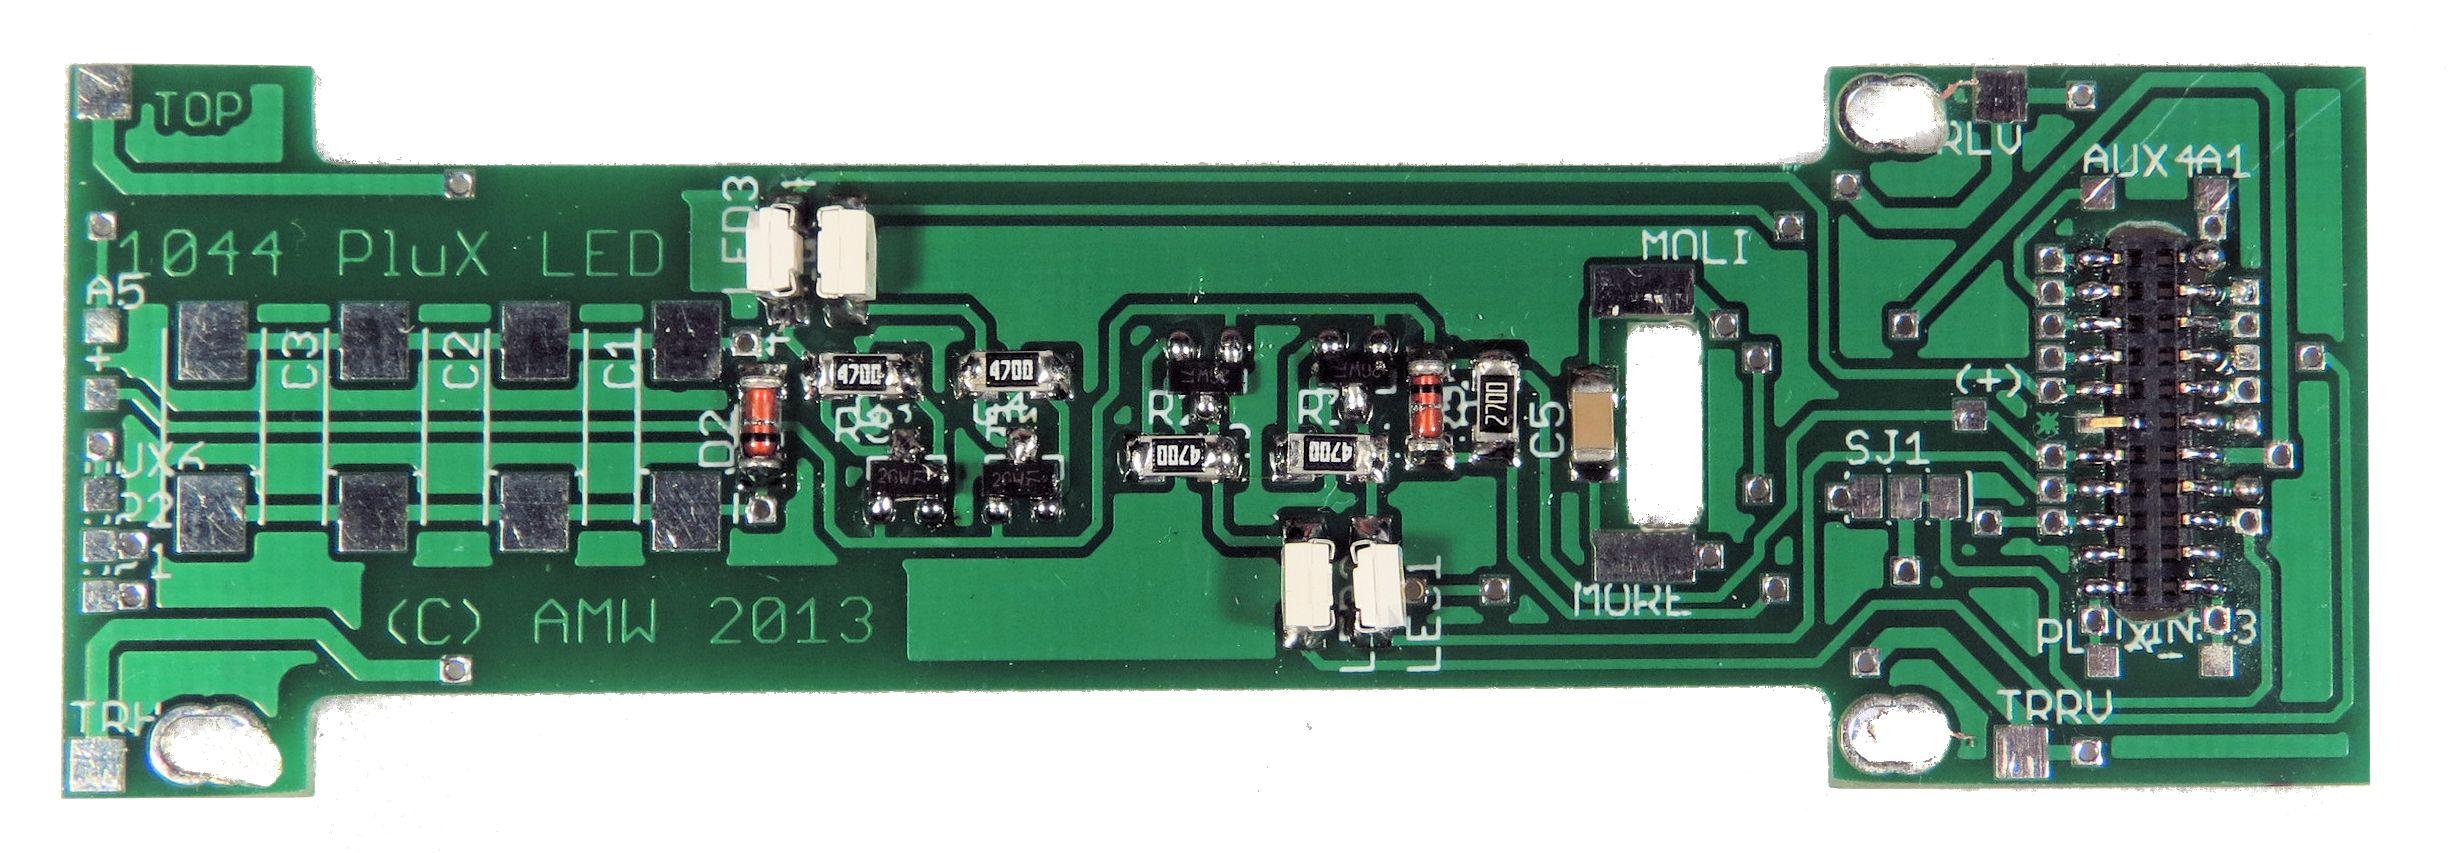 PluX LED